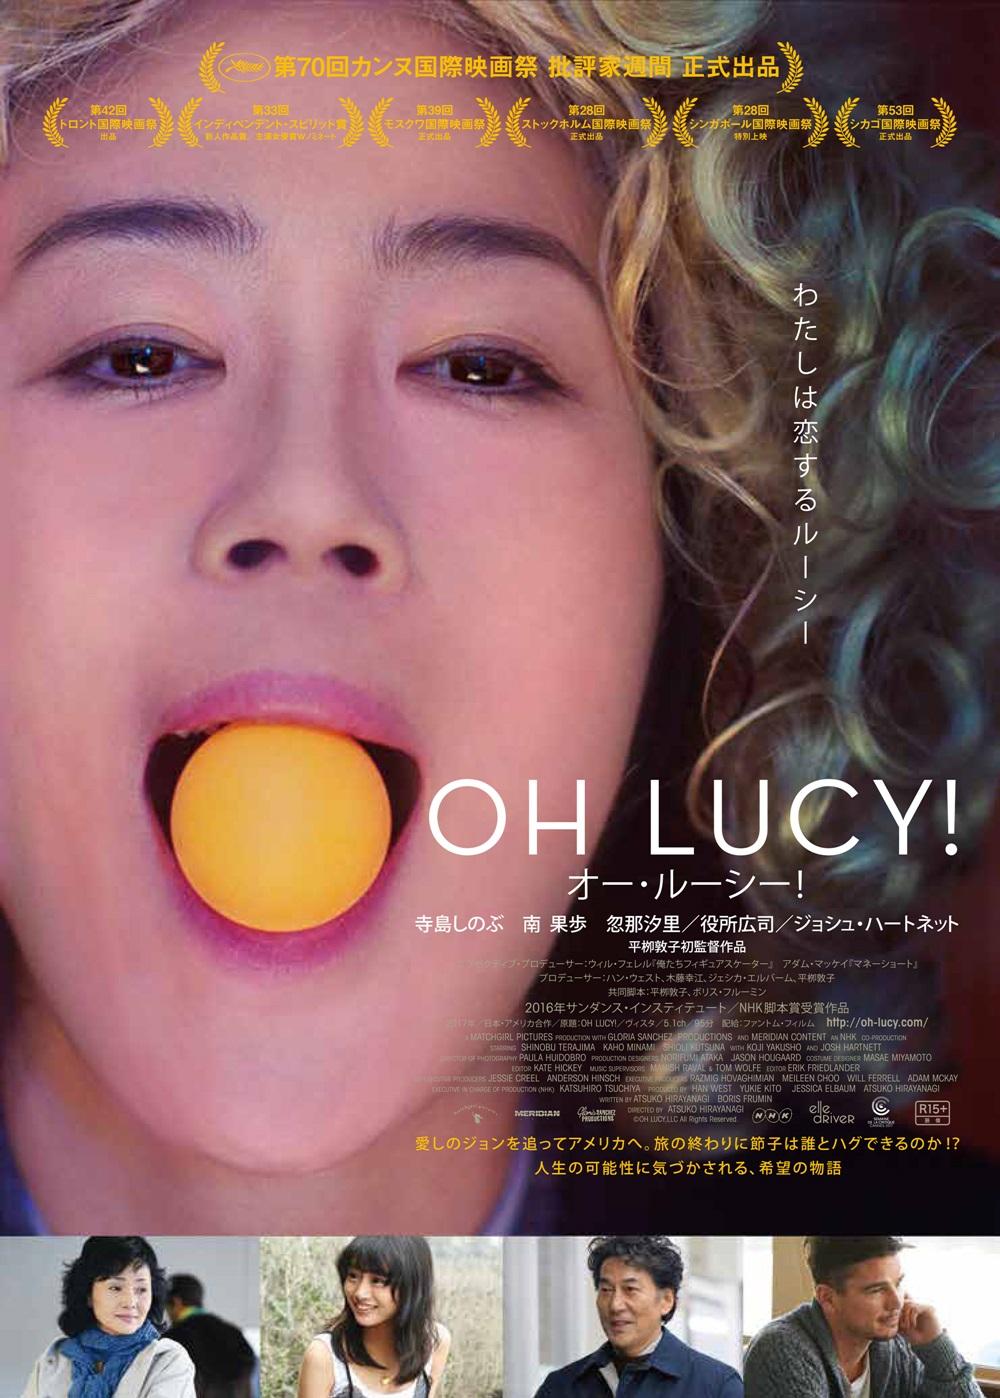 【画像】映画『オー・ルーシー!』ポスタービジュアル